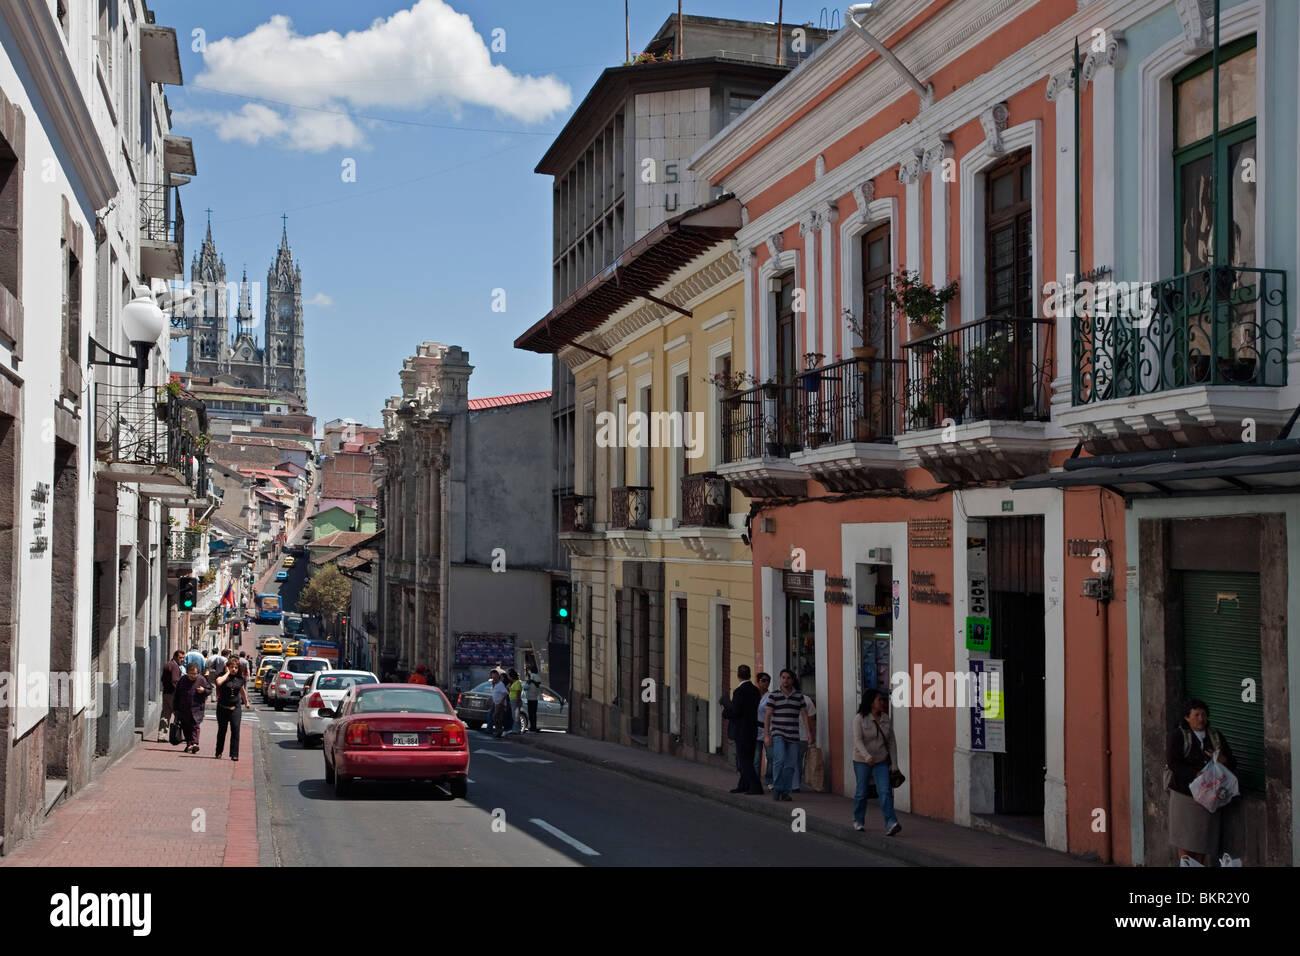 Ecuador, A Straßenszene im Zentrum von Quito, katholische Kathedrale Hintergrund. Stockbild